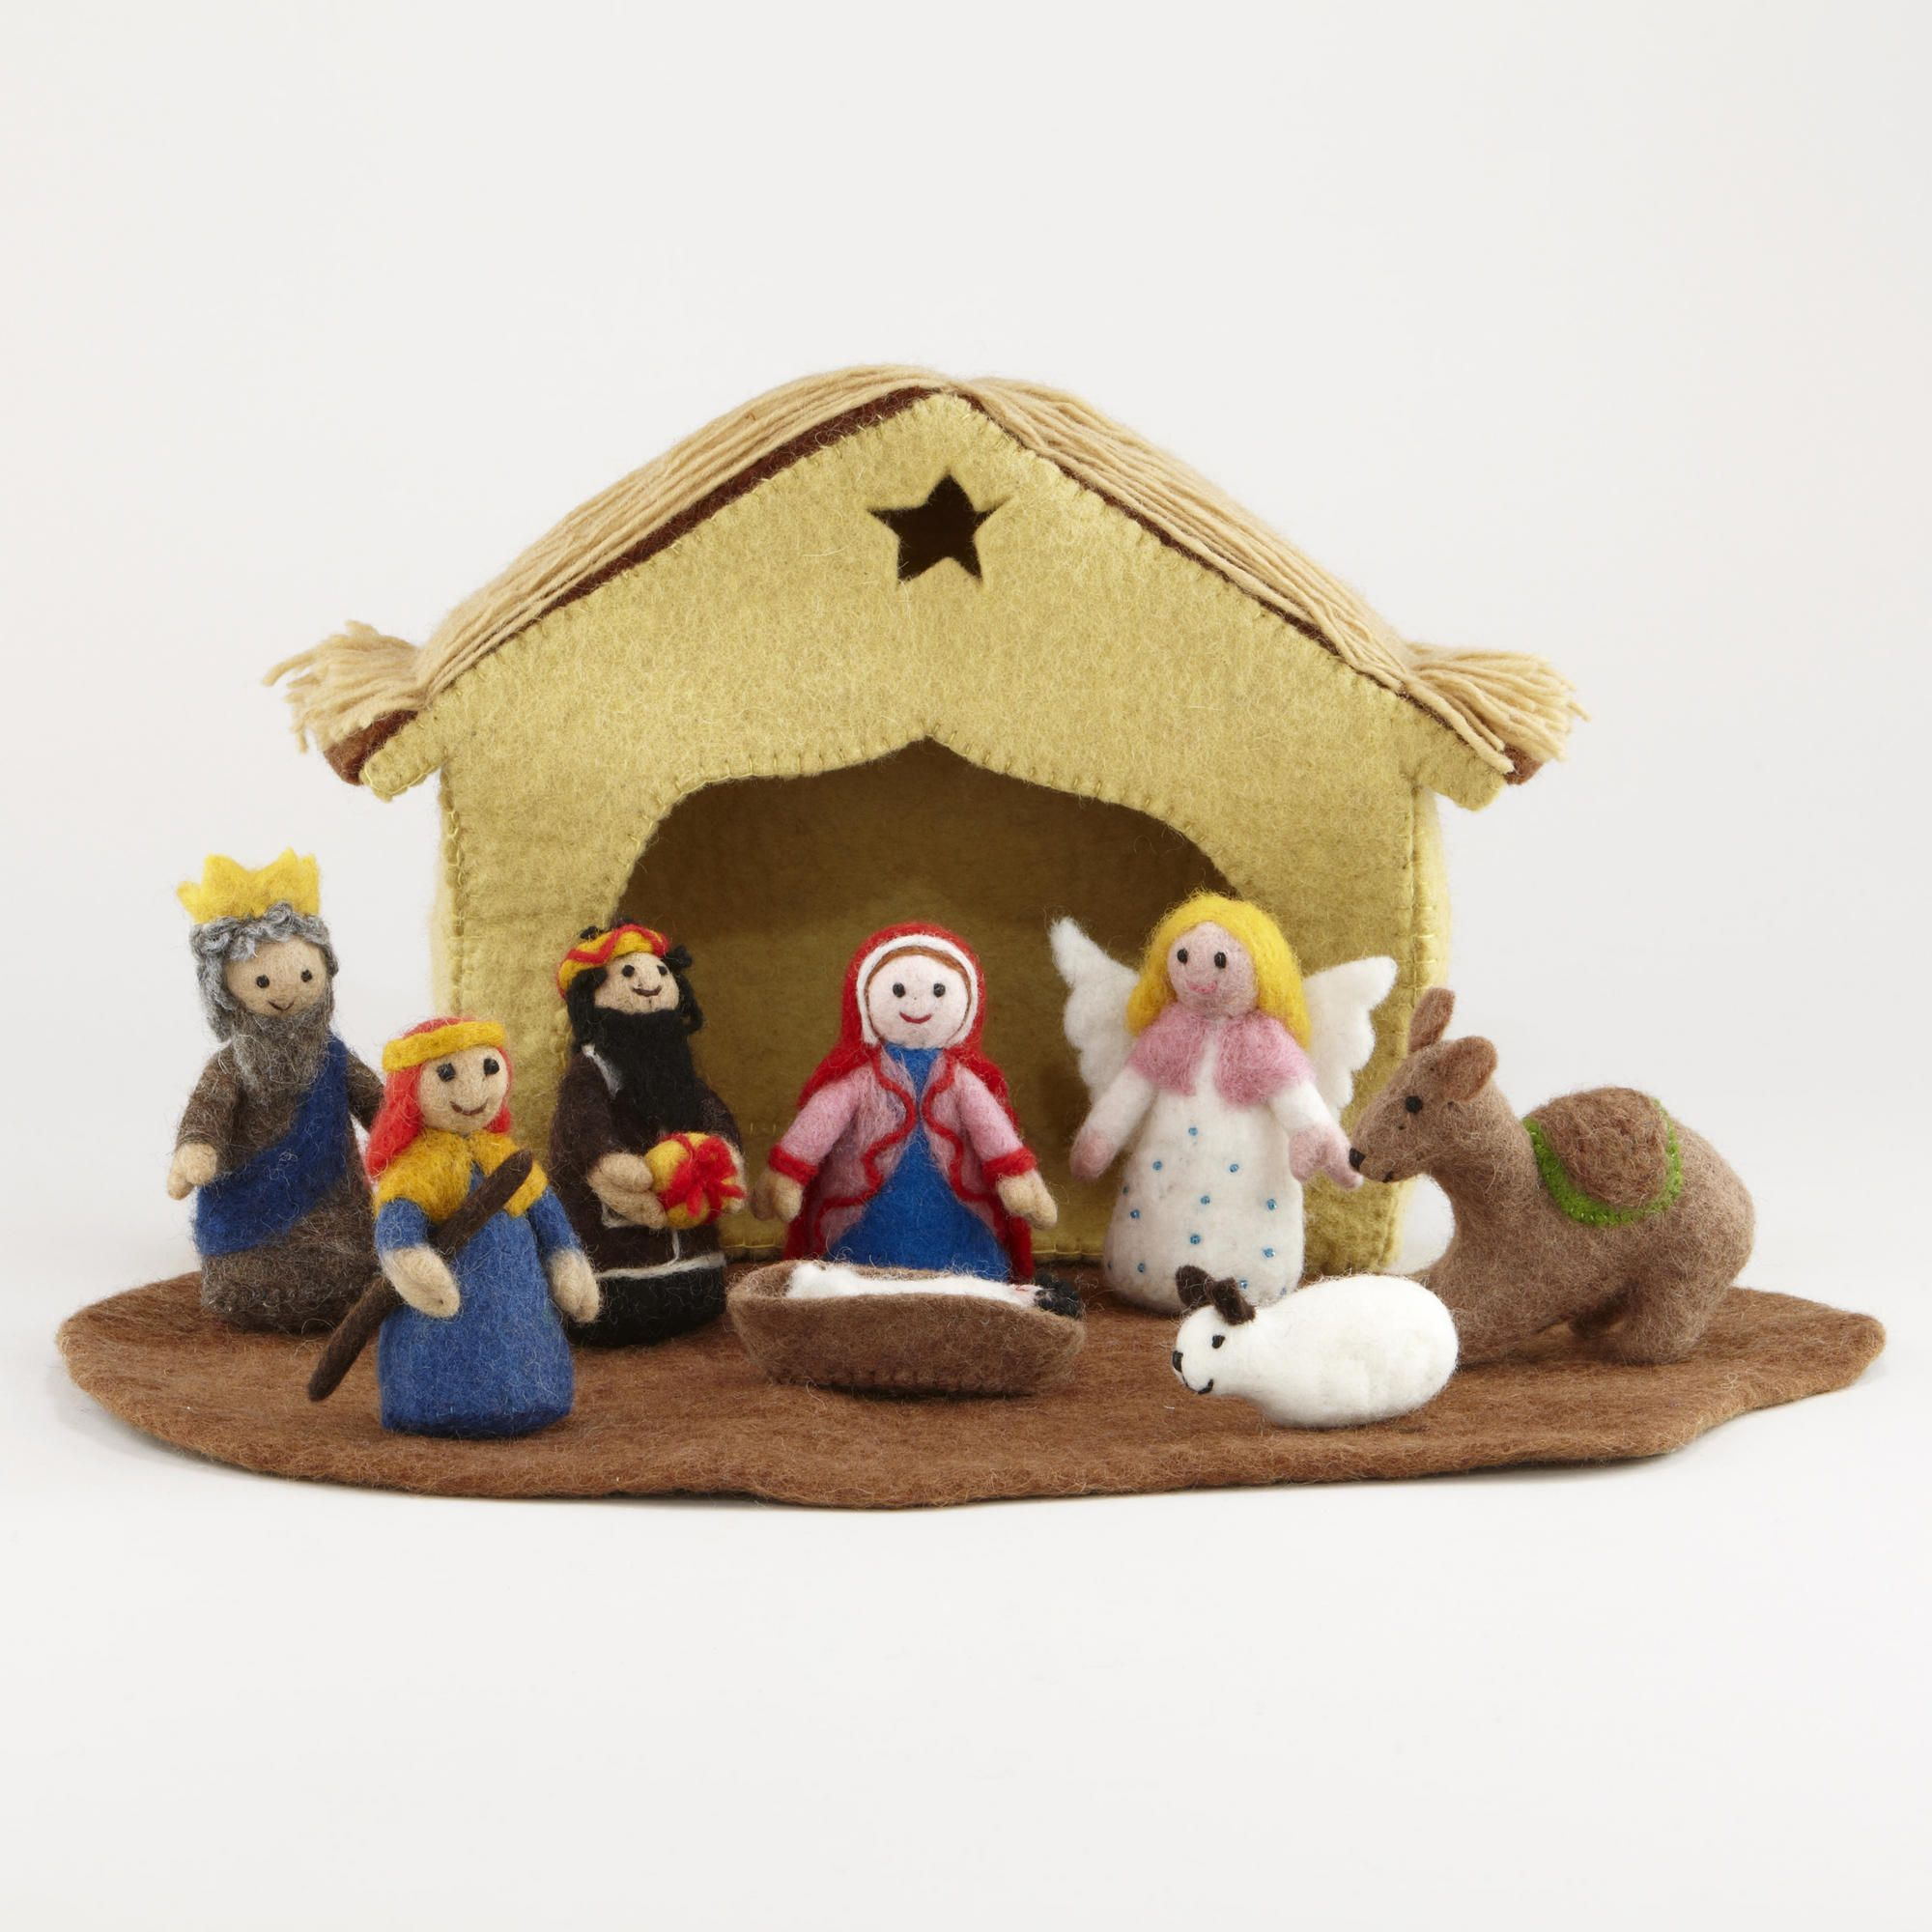 Felt Nativity Set- I like the manger